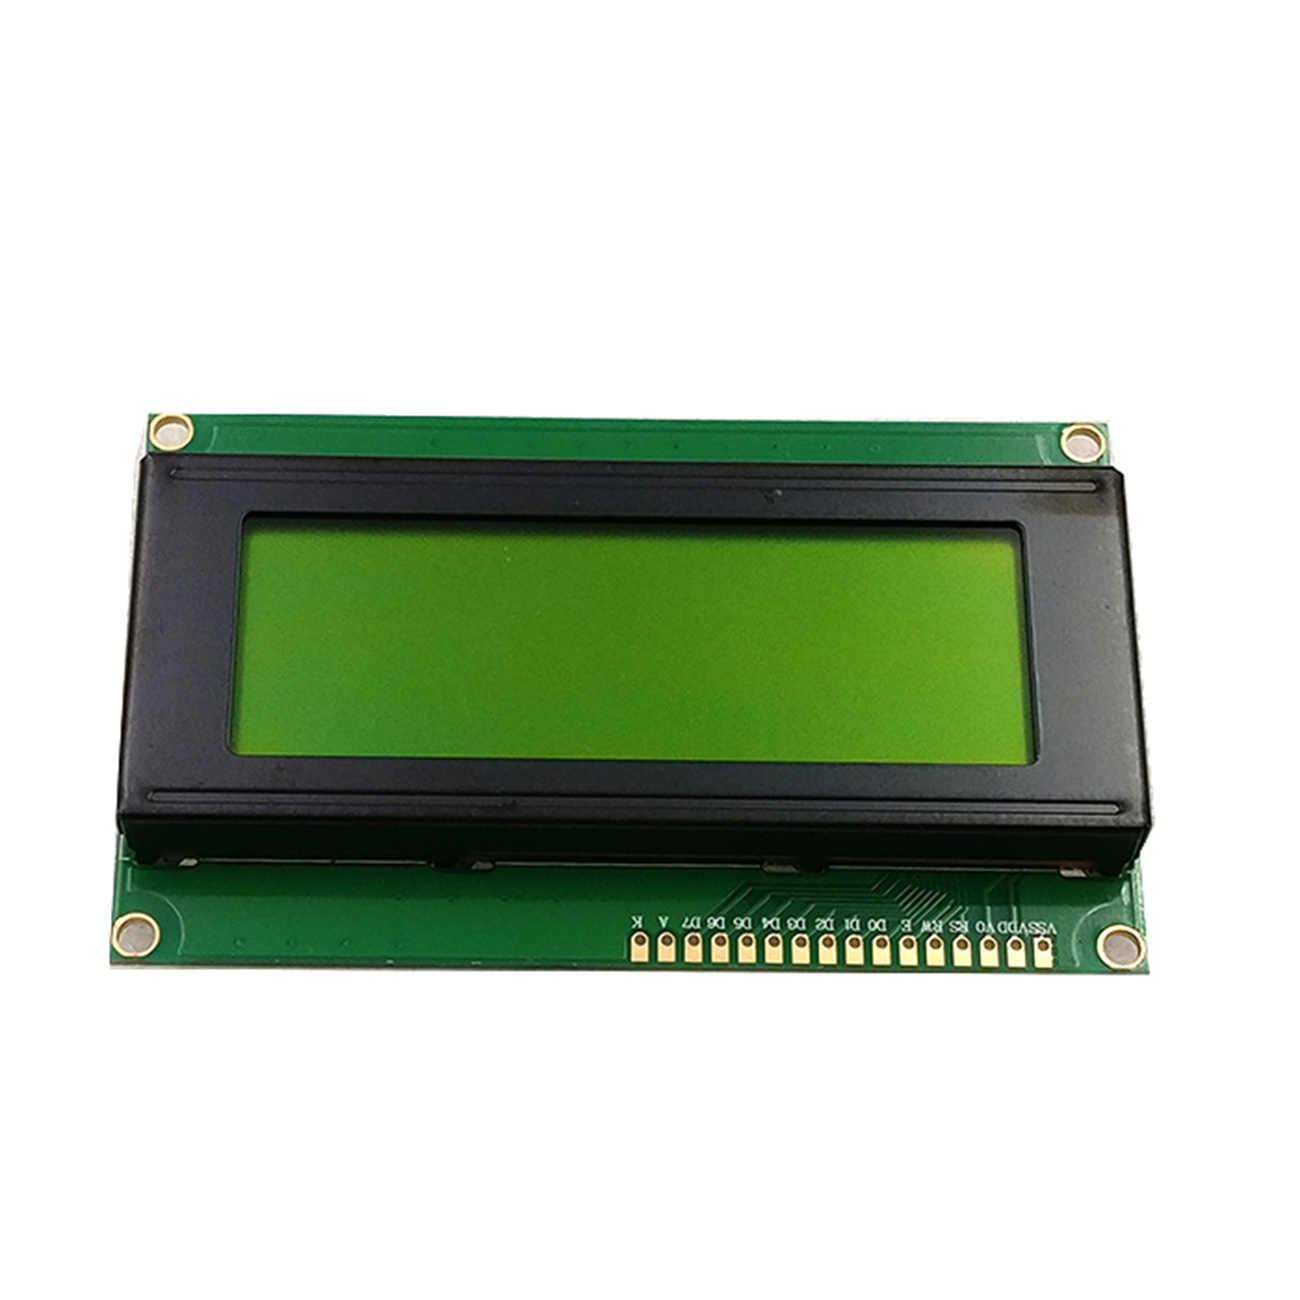 1 pièces Smart Electronics LCD Module LCD moniteur affichage 2004 2004 20*4 20X4 5V bleu caractère/vert écran rétro-éclairage